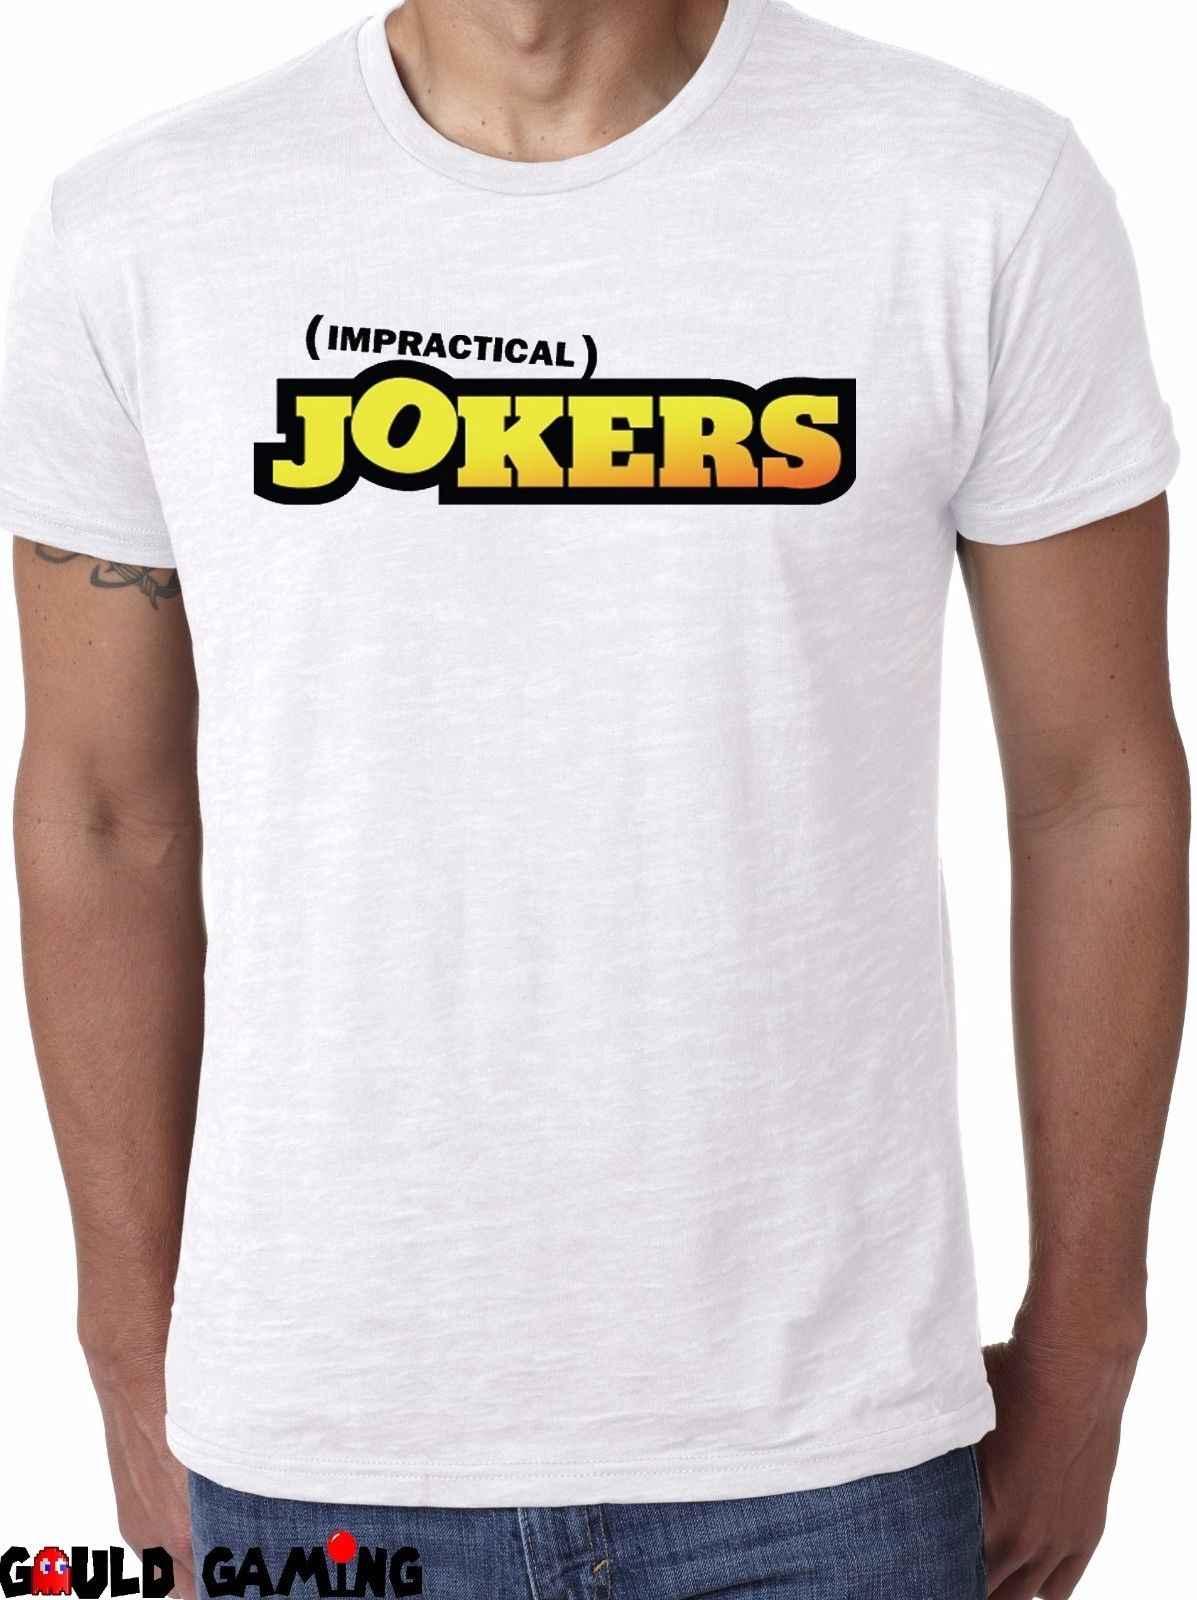 Impractical Jokers футболка унисекс забавные ТВ Sal Джо Q Murr логотип комедийные размеры New2019 модный бренд 100% хлопок печатных Круглый N